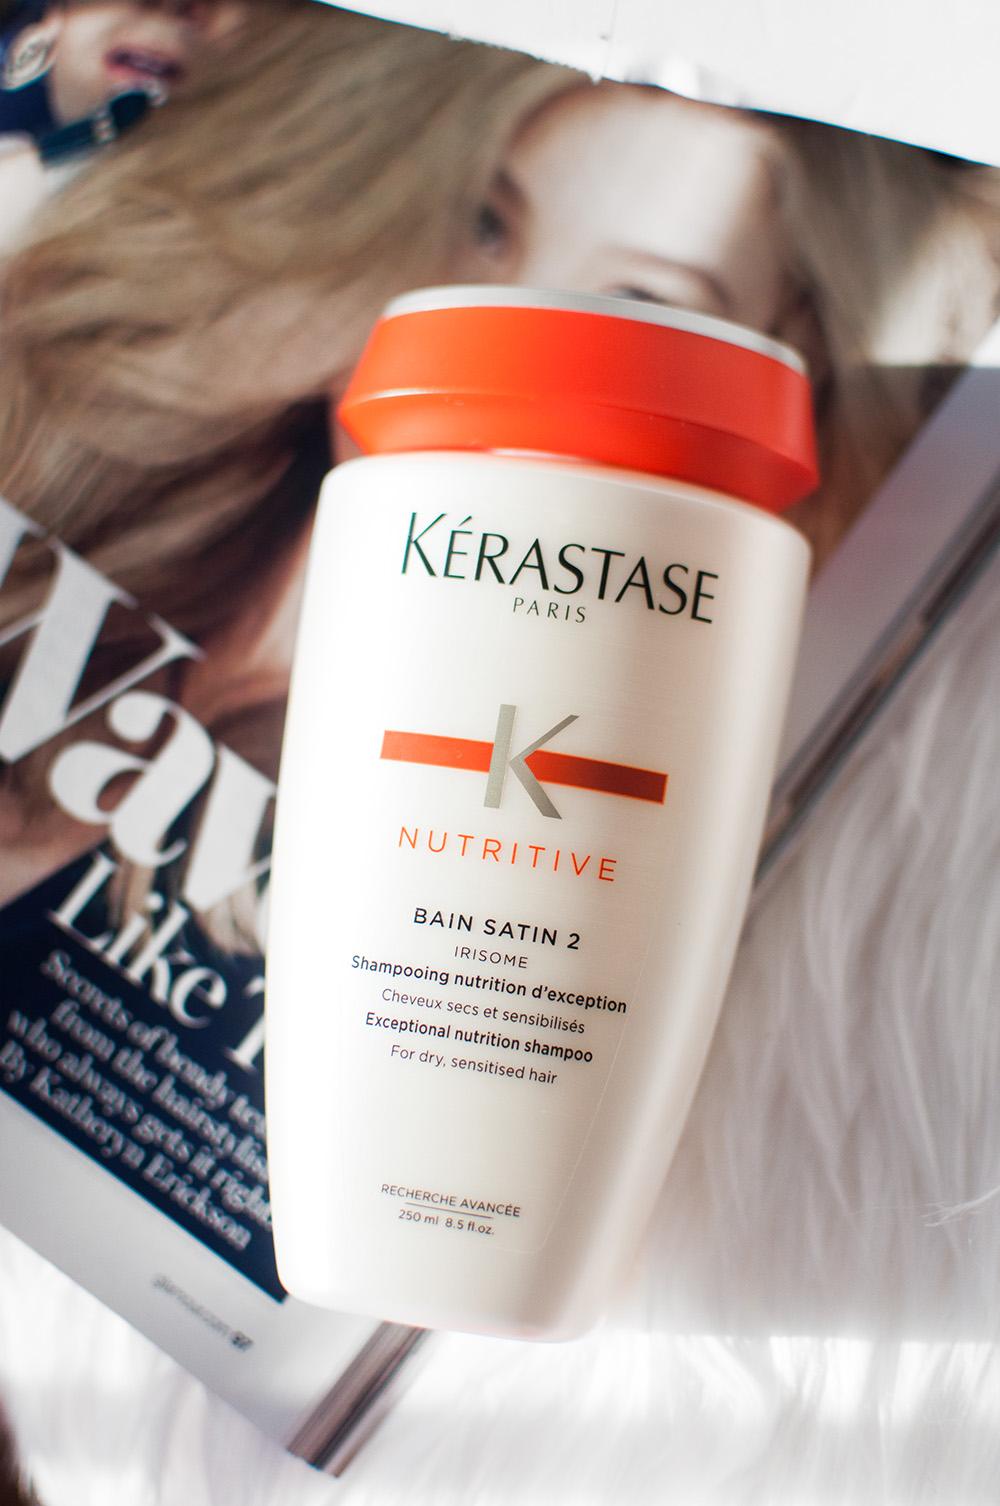 Kerastase nutritive bain satin 2, kerastase shampoo, shampoo for dry hair, prestige shampoo, dry hair shampoo, kerastase review,